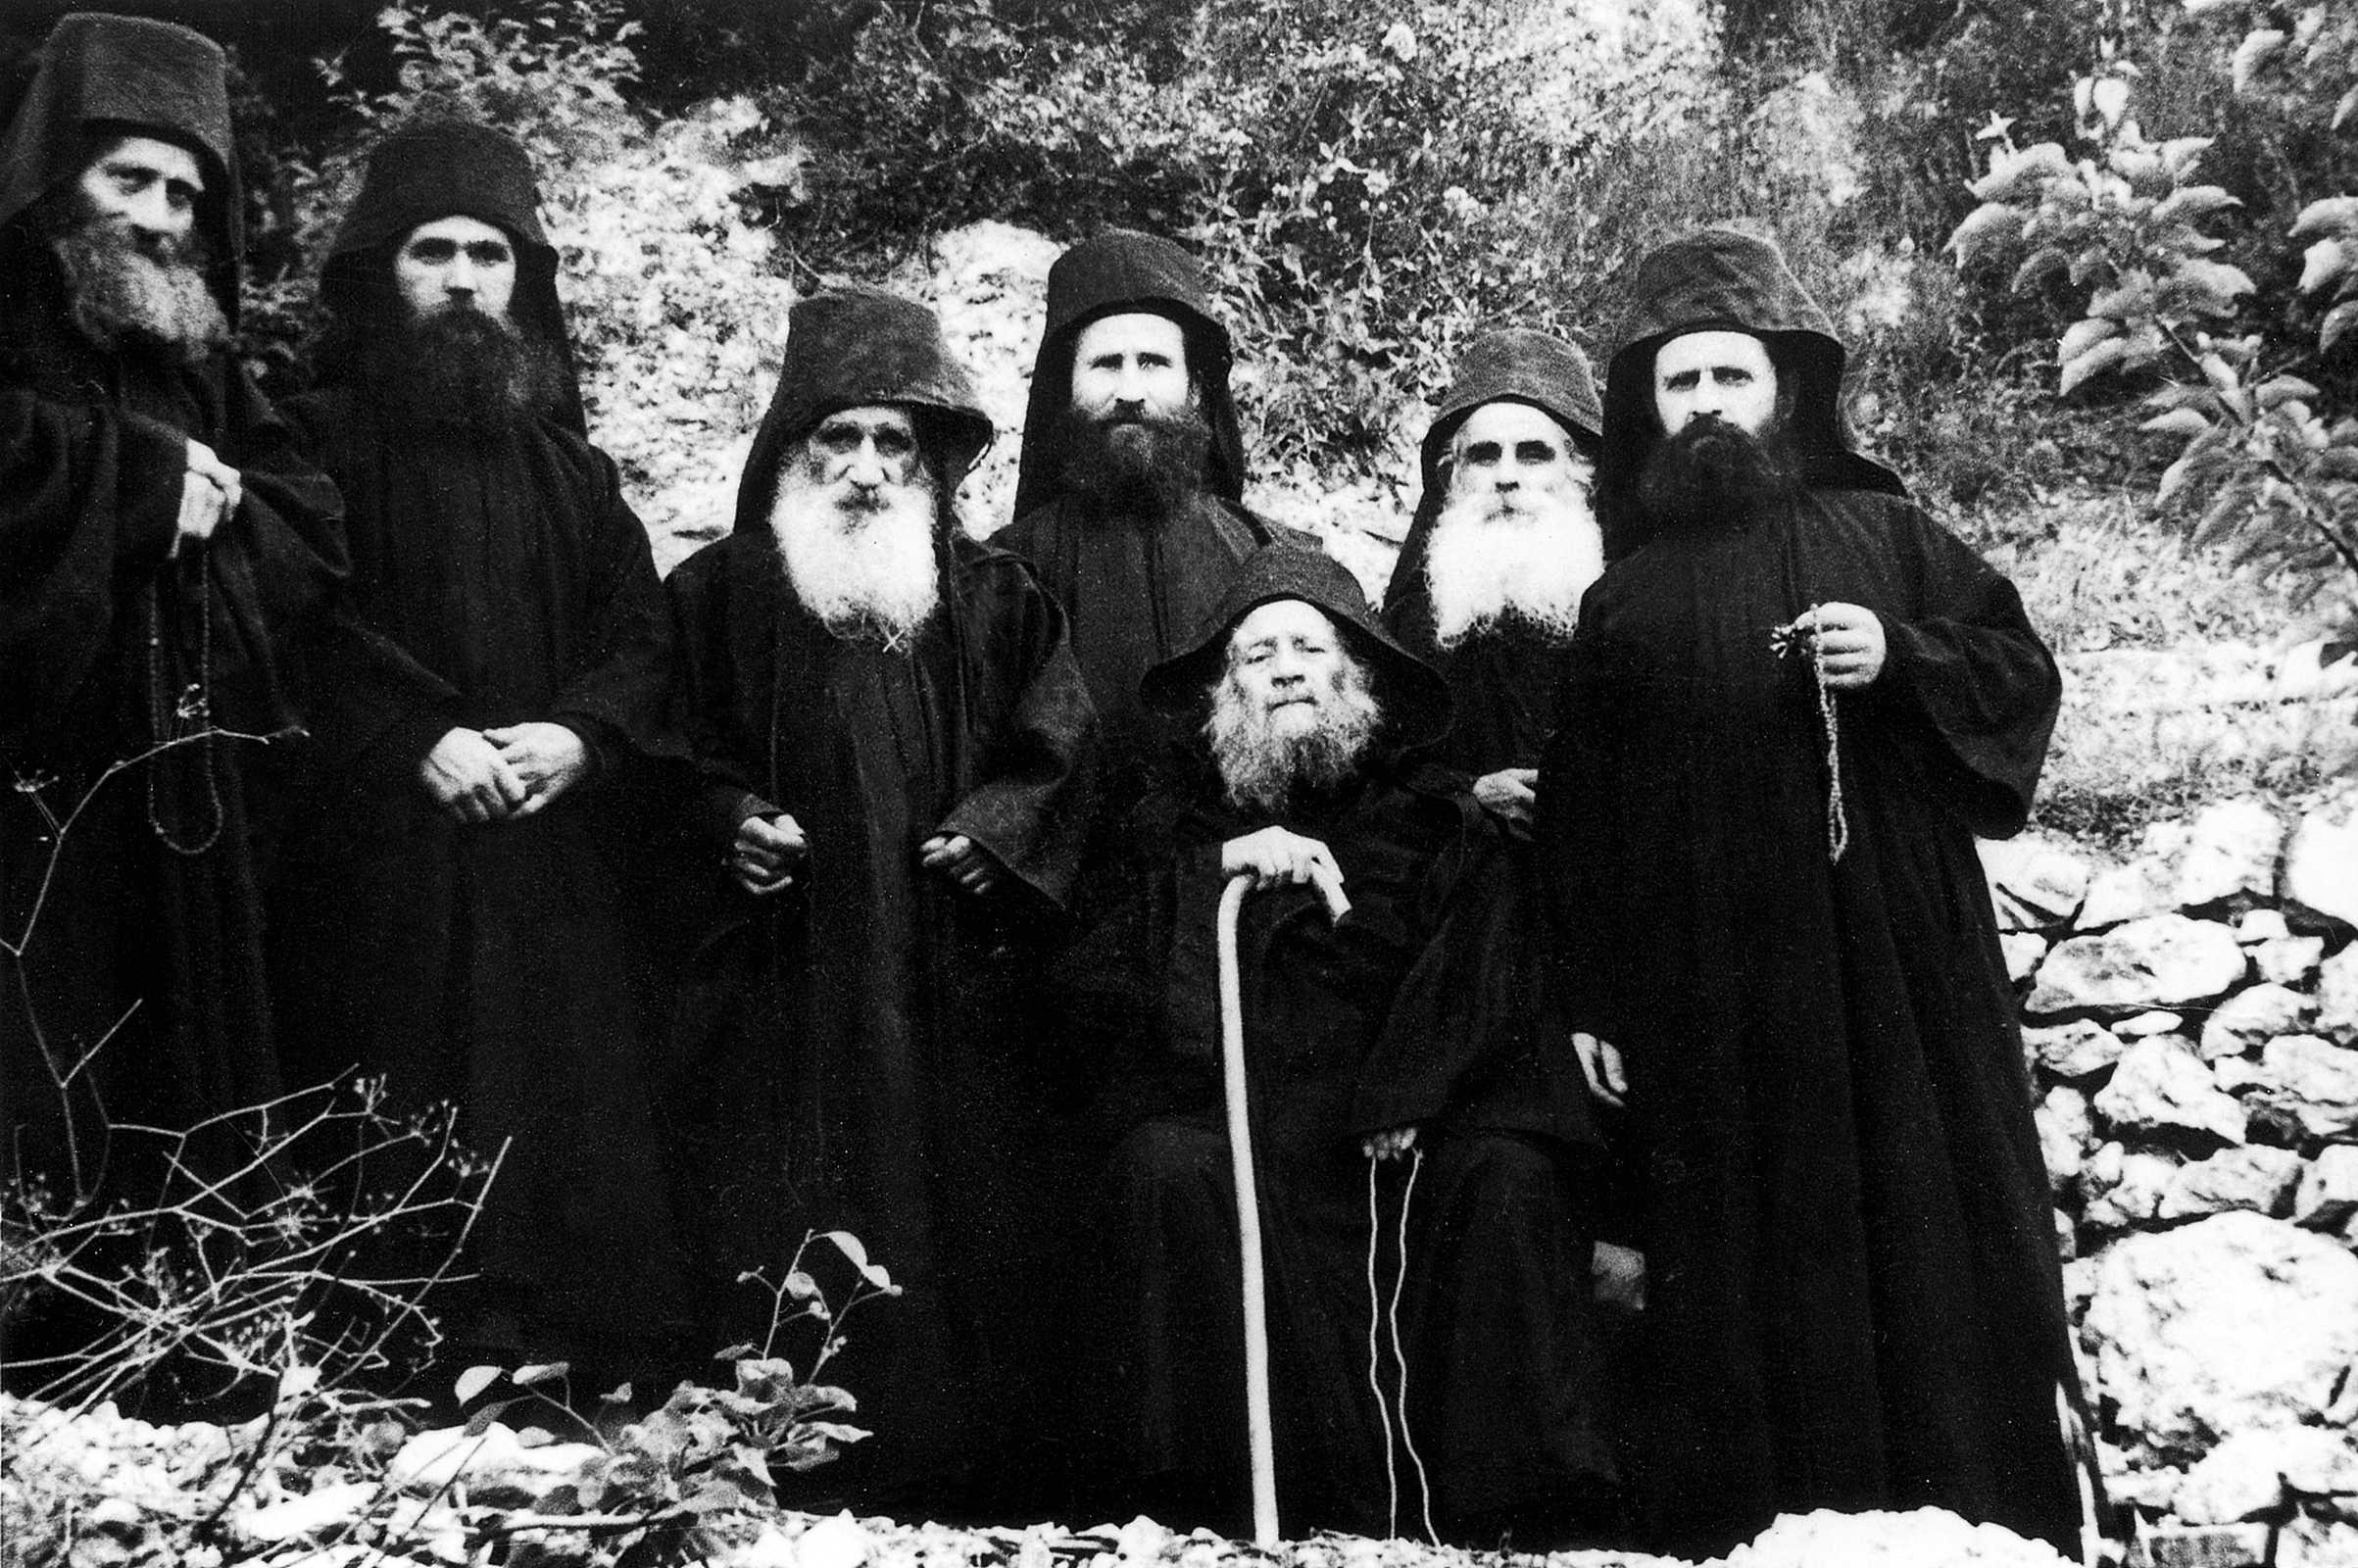 Sfântul Iosif Isihastul: După necazuri vine harul lui Dumnezeu - Fotoreportaj cu viața lui